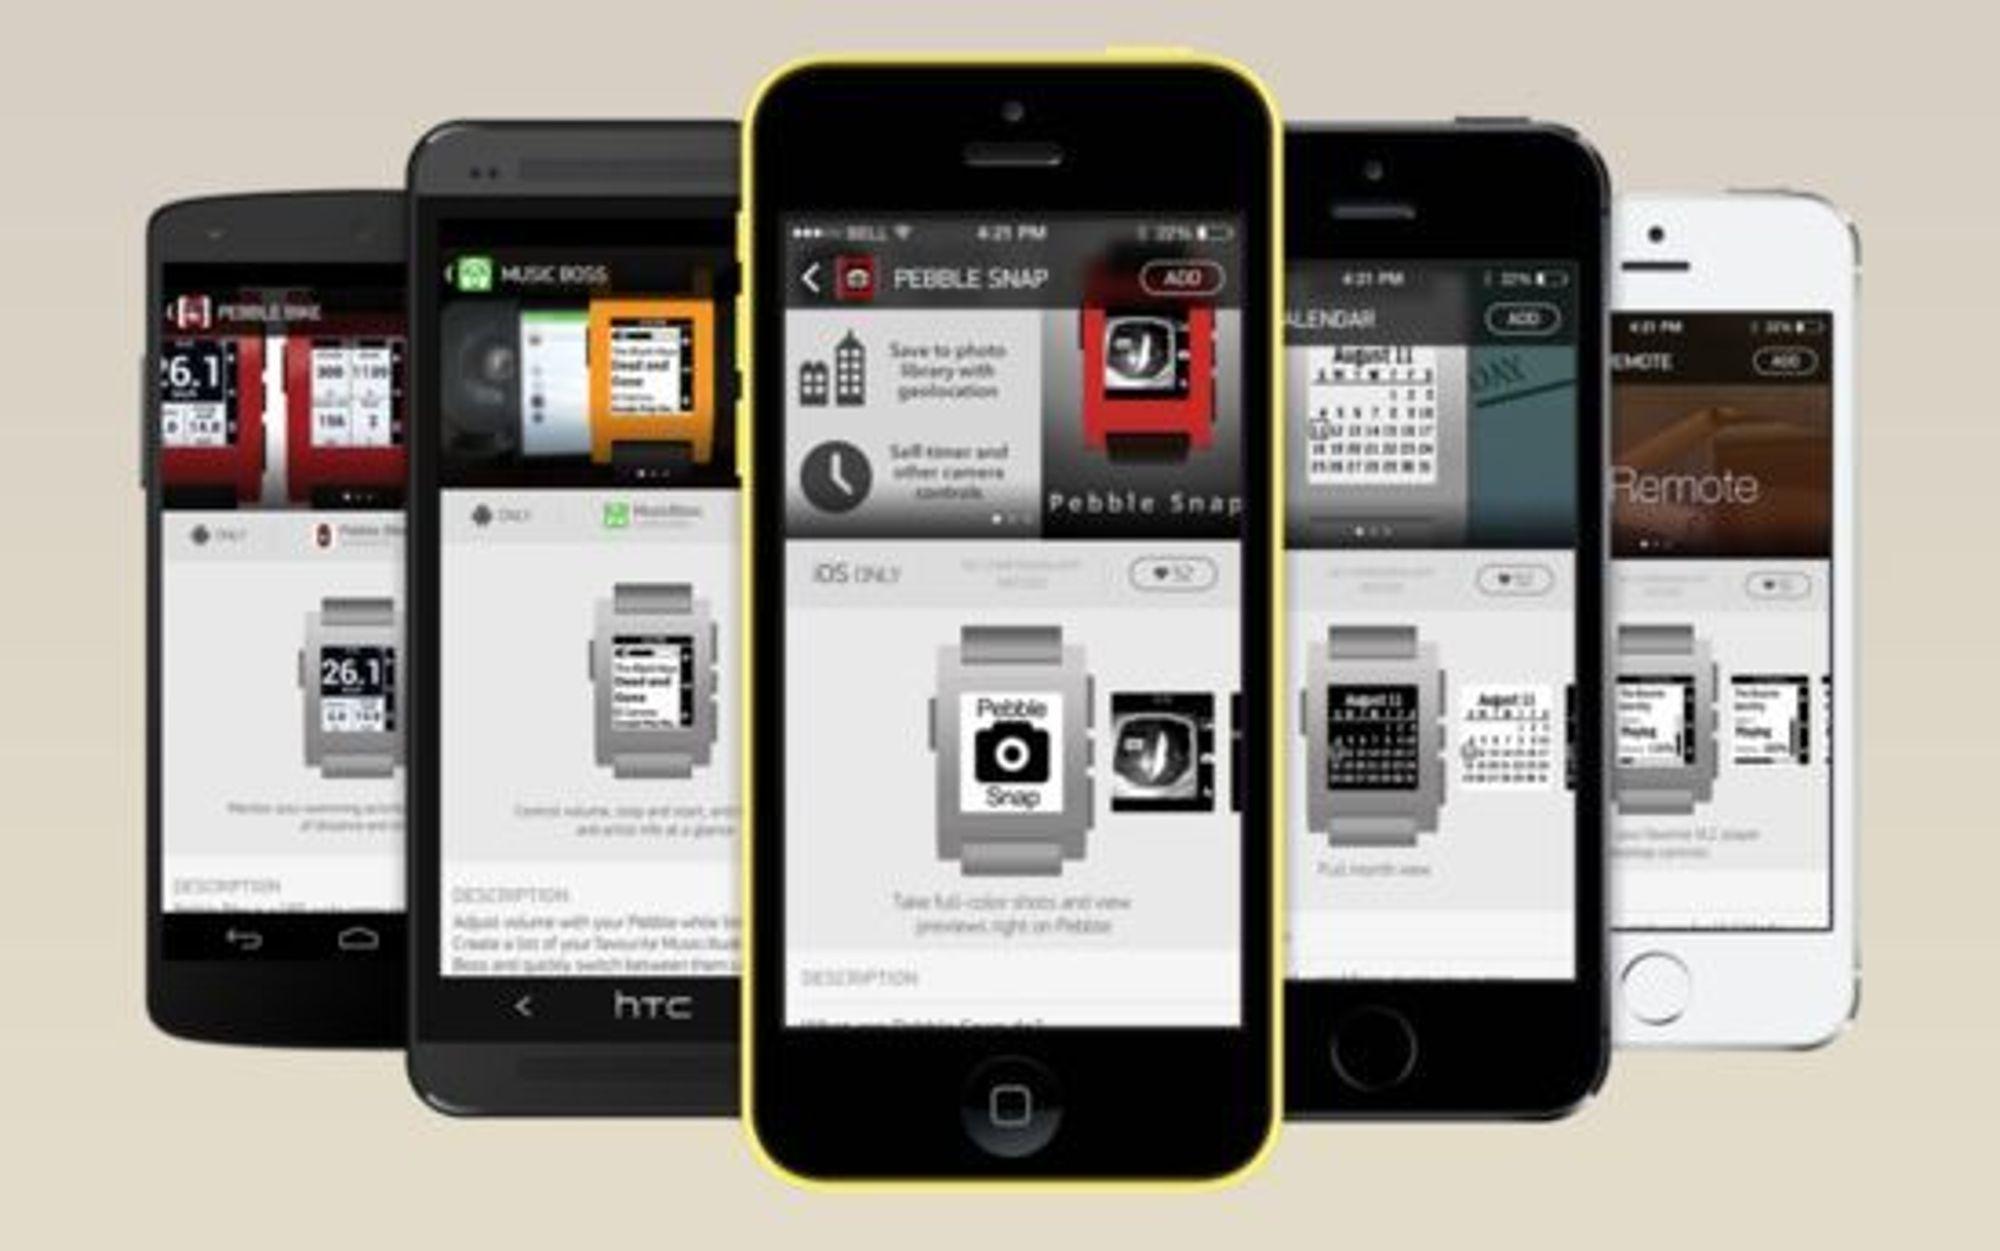 Apper til Pebble hentes gjennom mobilen, og overføres til uret over Bluetooth.